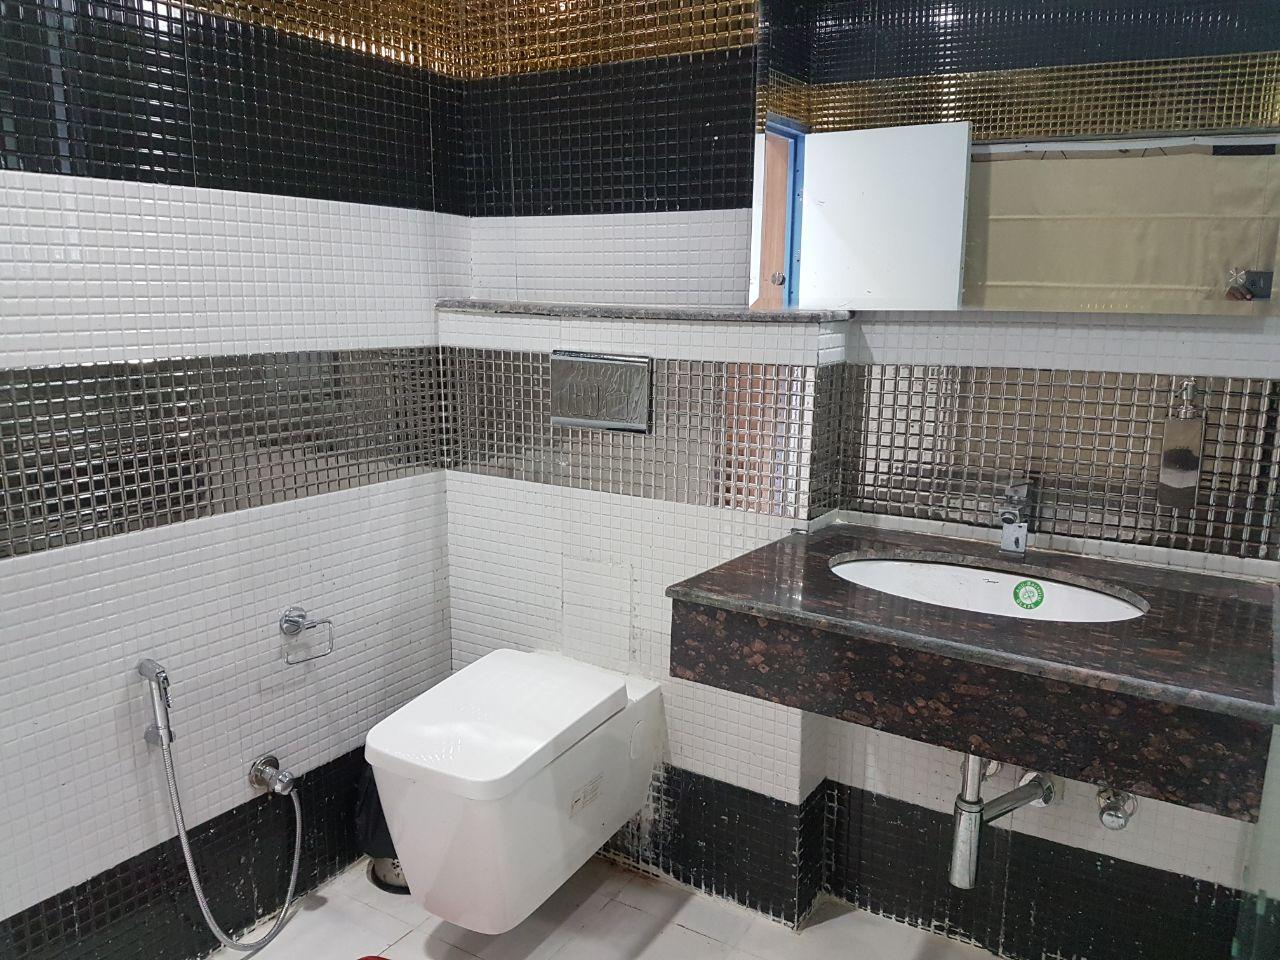 Washroom in Dharamsala